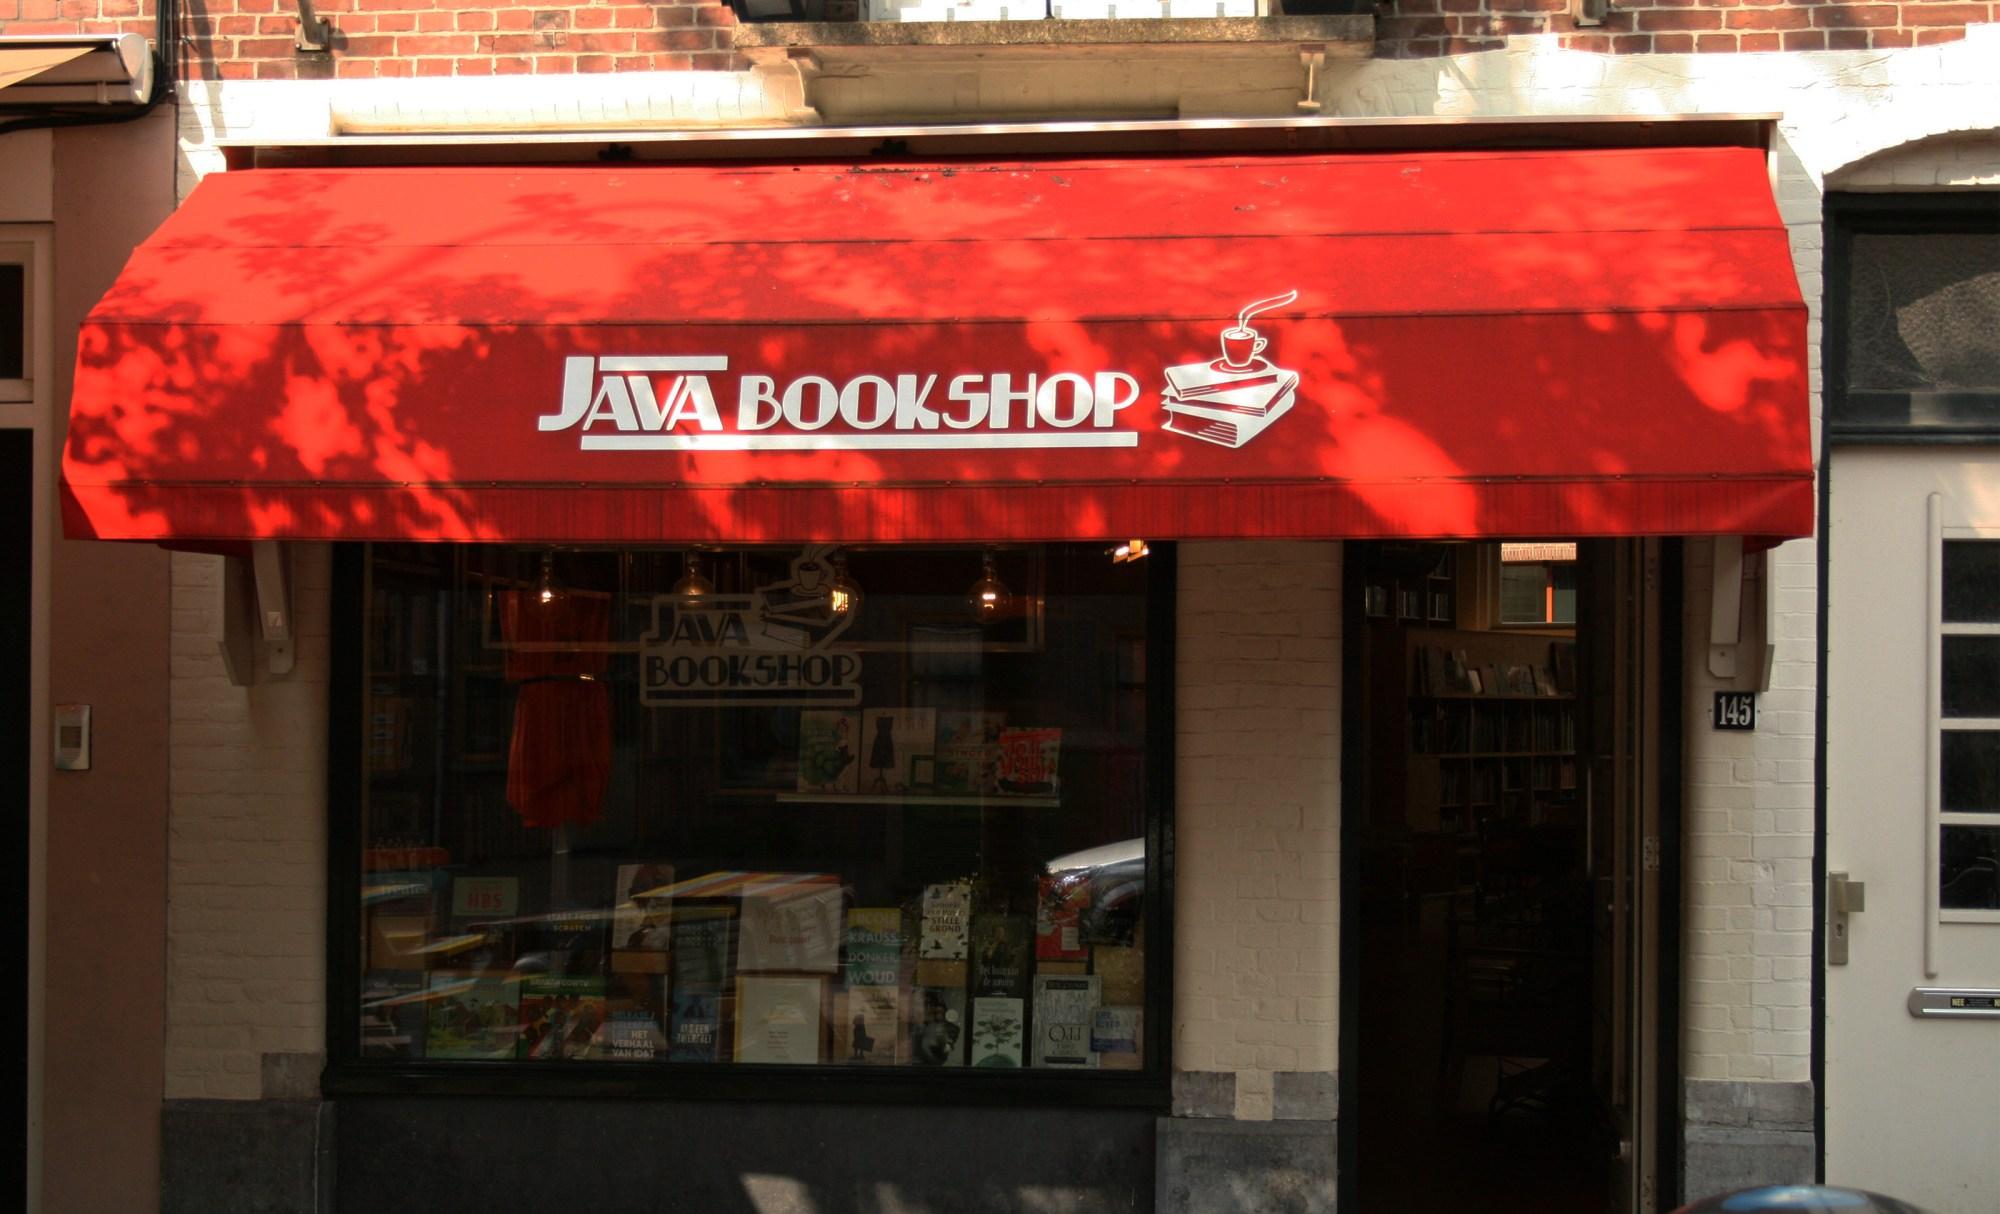 De gevel van de Java Bookshop op de Javastraat in het Javakwartier